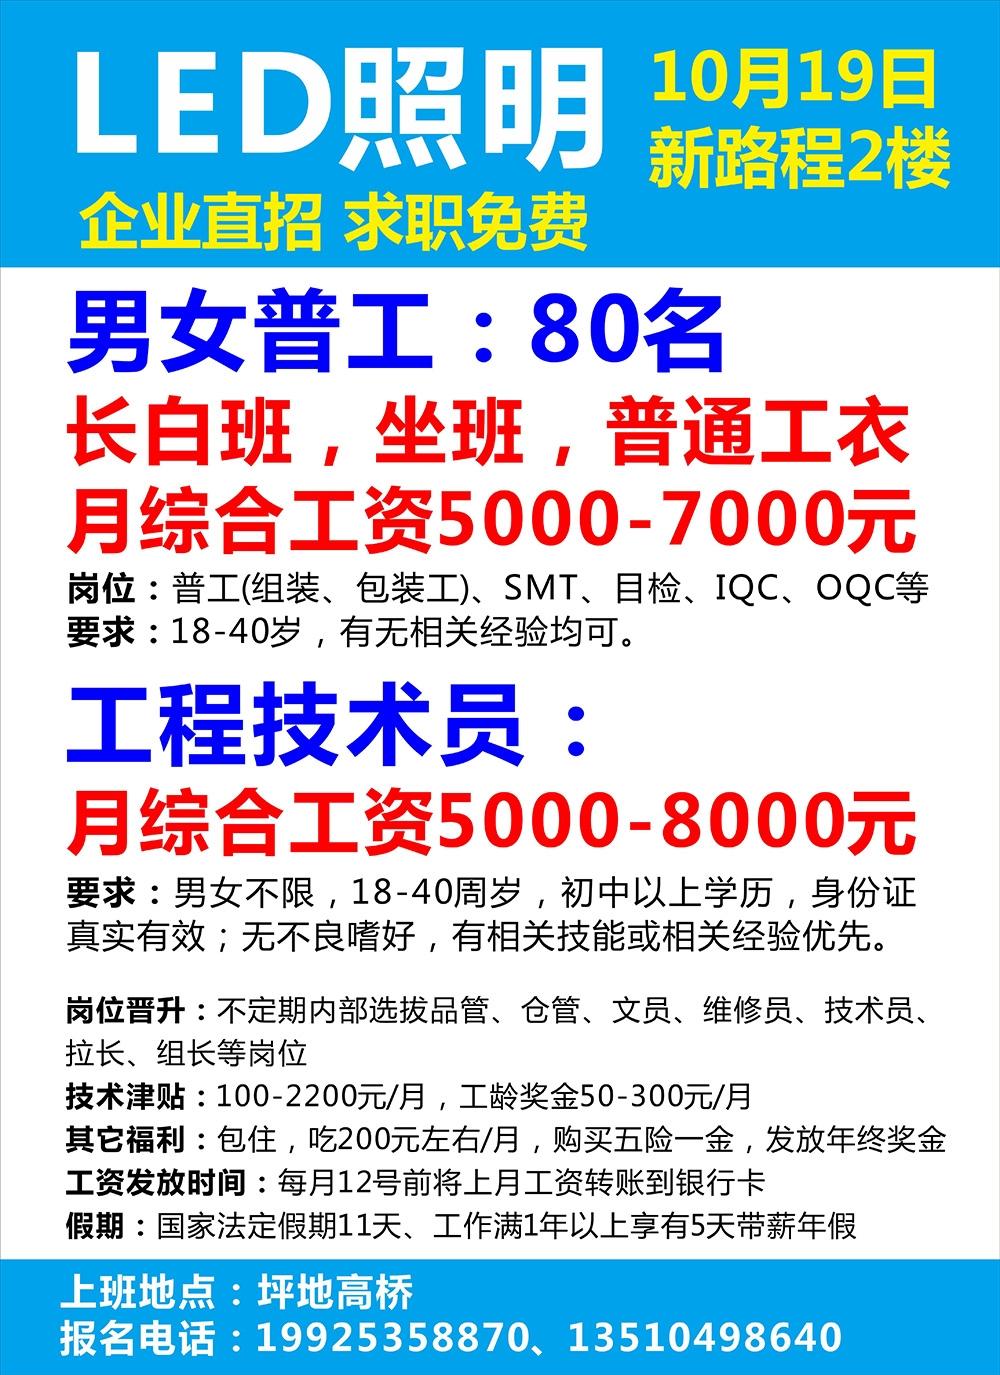 5000-7000 急招男女普工80名,长白班|高端LED照